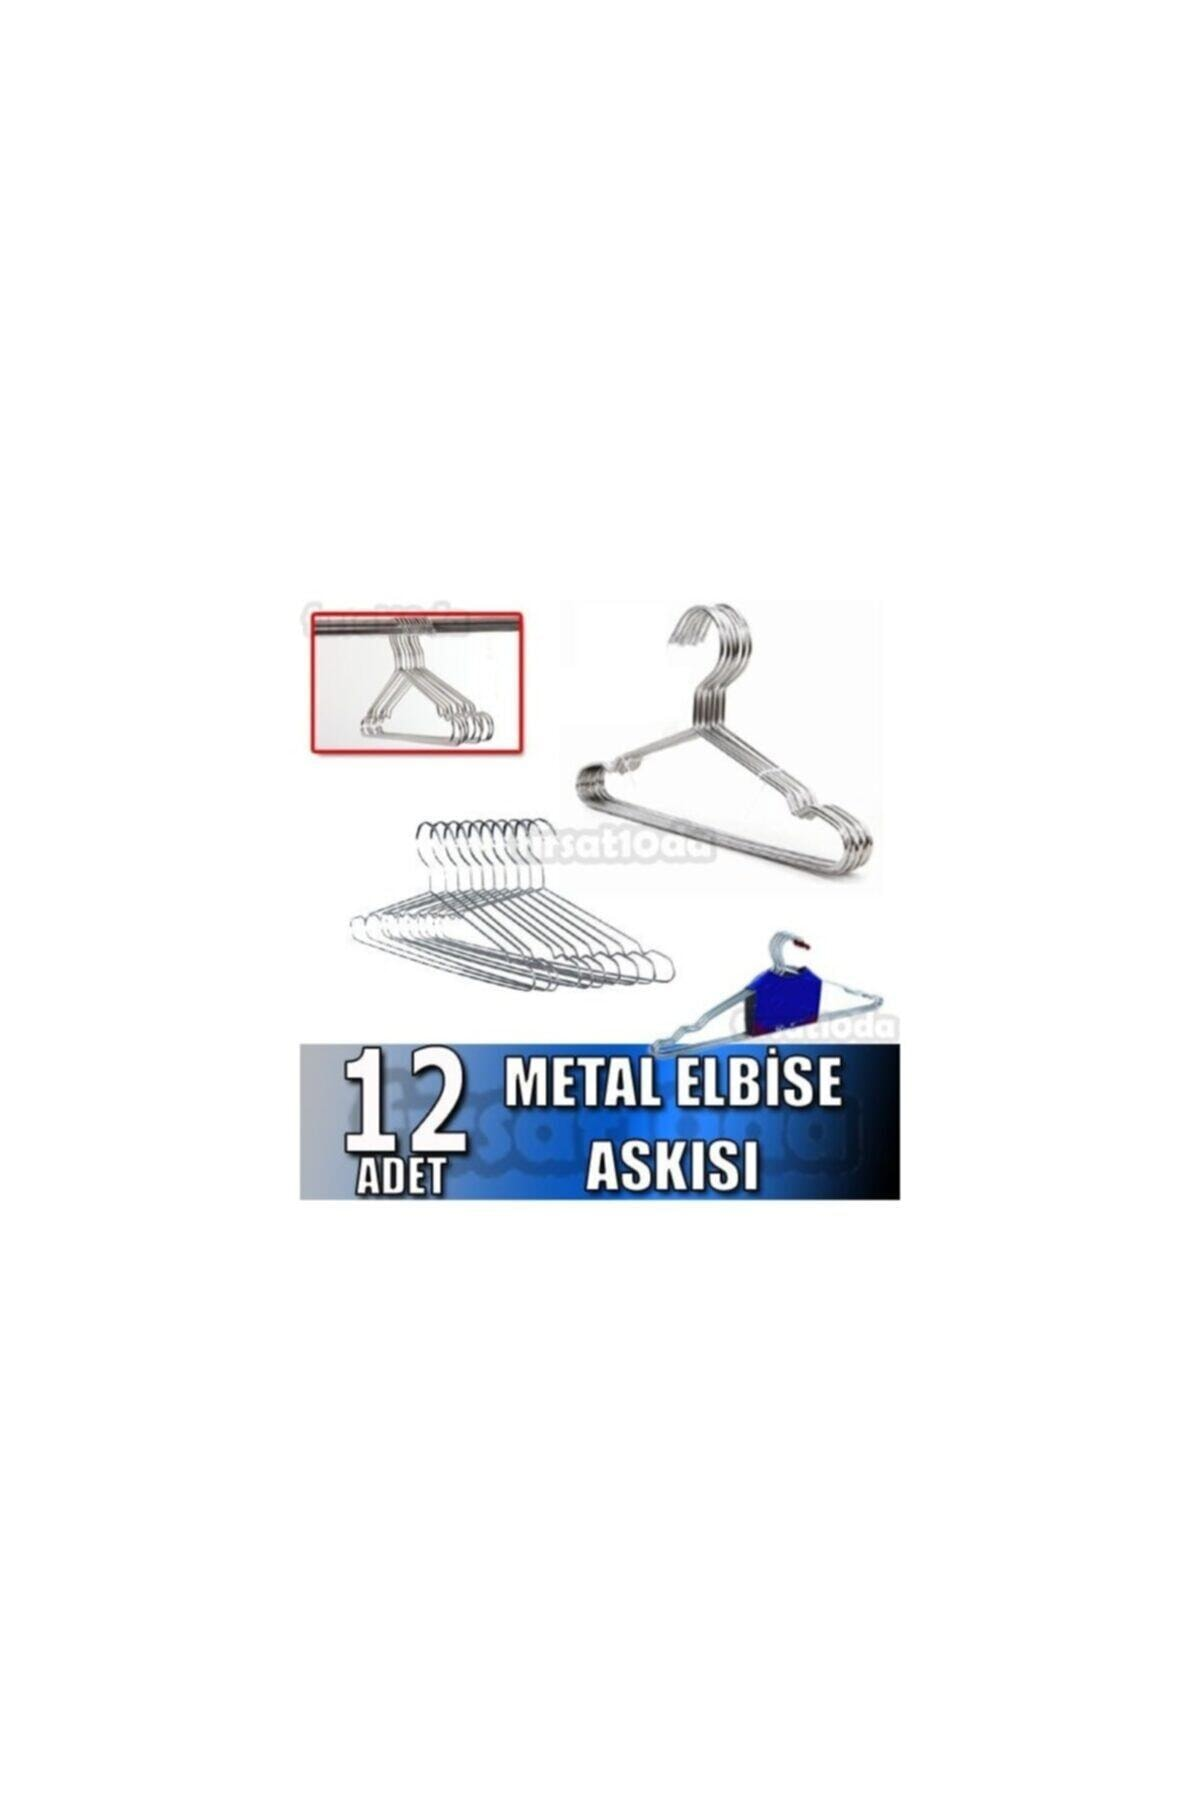 Cosargroup Metal Elbise Askısı 48 Adet Kıyafet Askısı Pantolon Askısı Askı 2